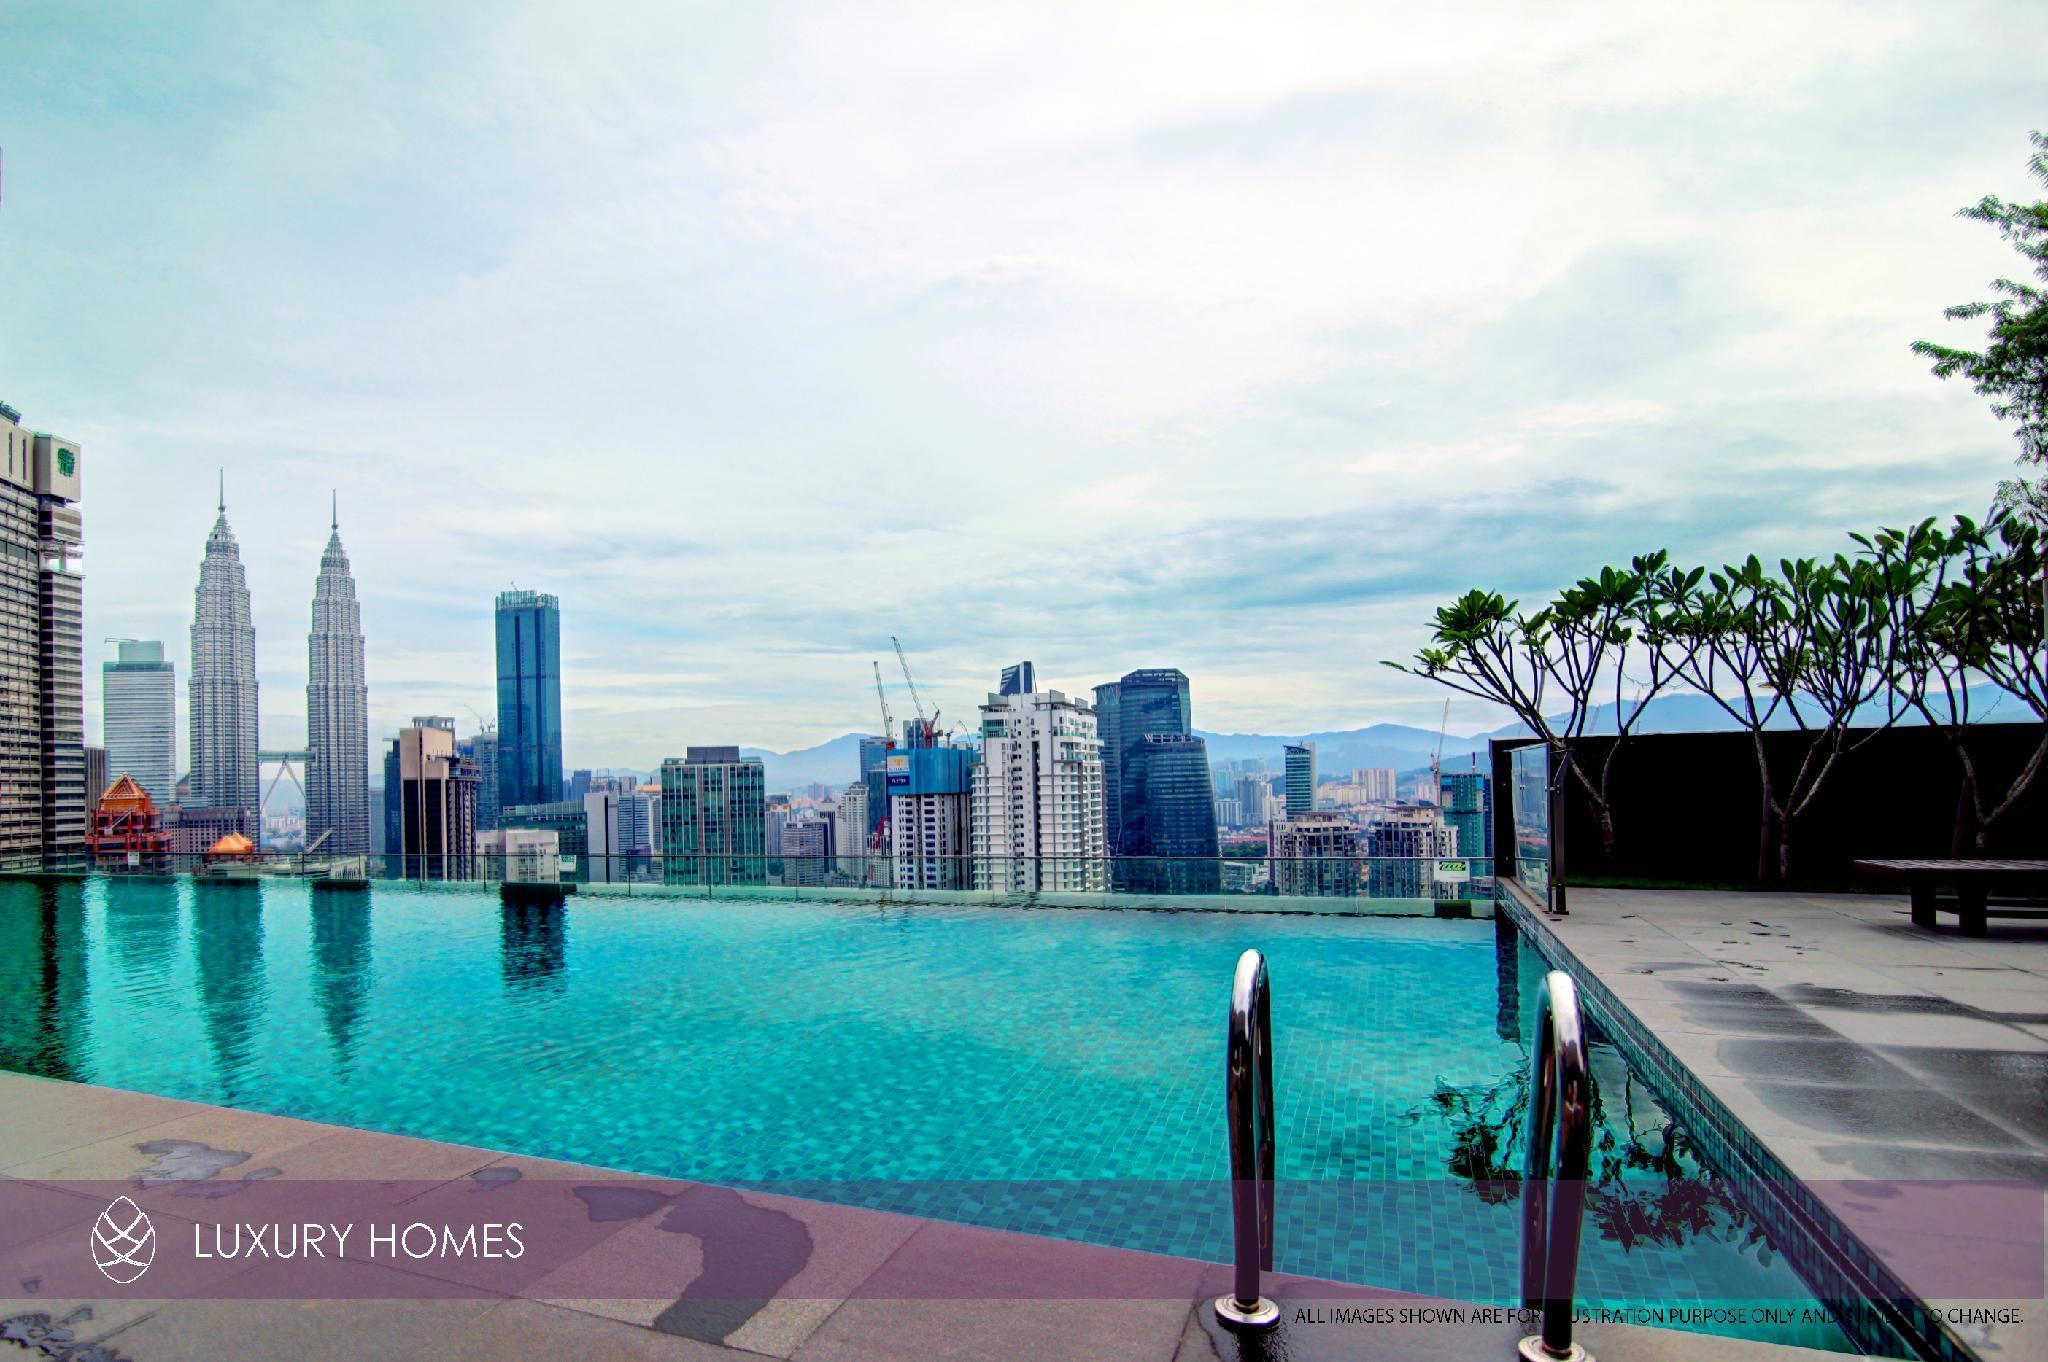 Dorsett Residences Bukit Bintang by R&B